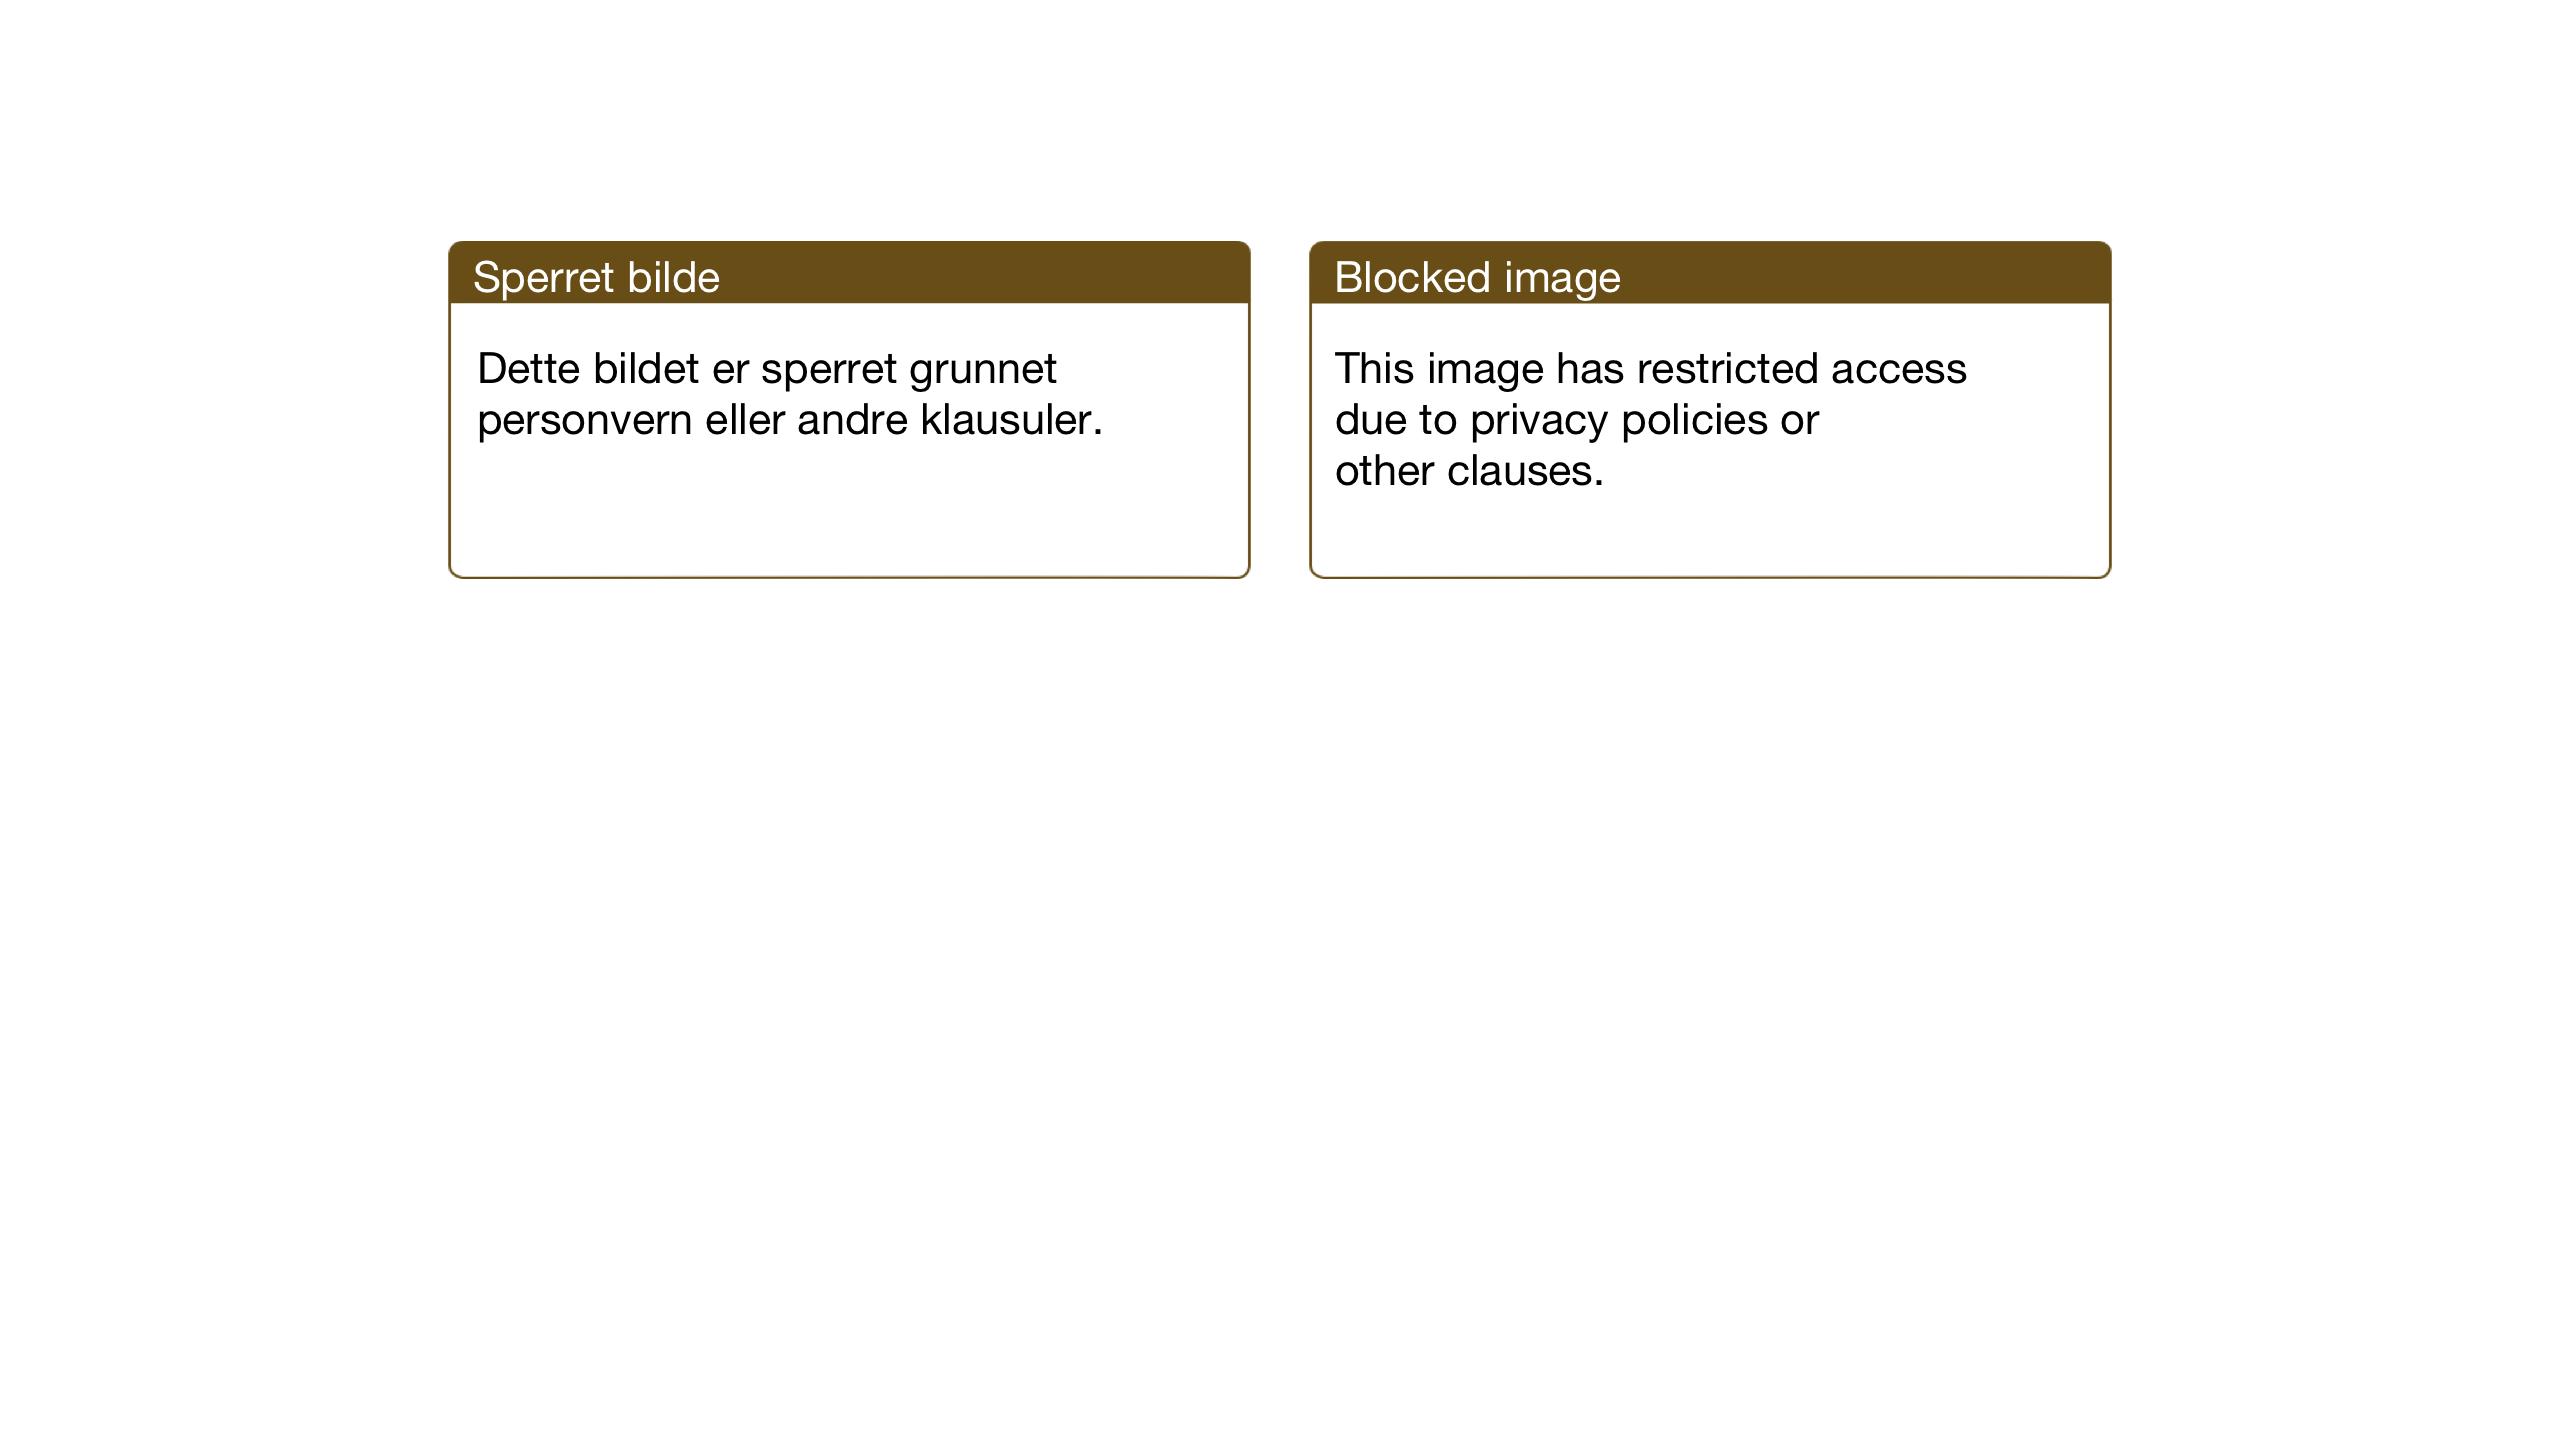 SAT, Ministerialprotokoller, klokkerbøker og fødselsregistre - Sør-Trøndelag, 603/L0174: Klokkerbok nr. 603C02, 1923-1951, s. 69